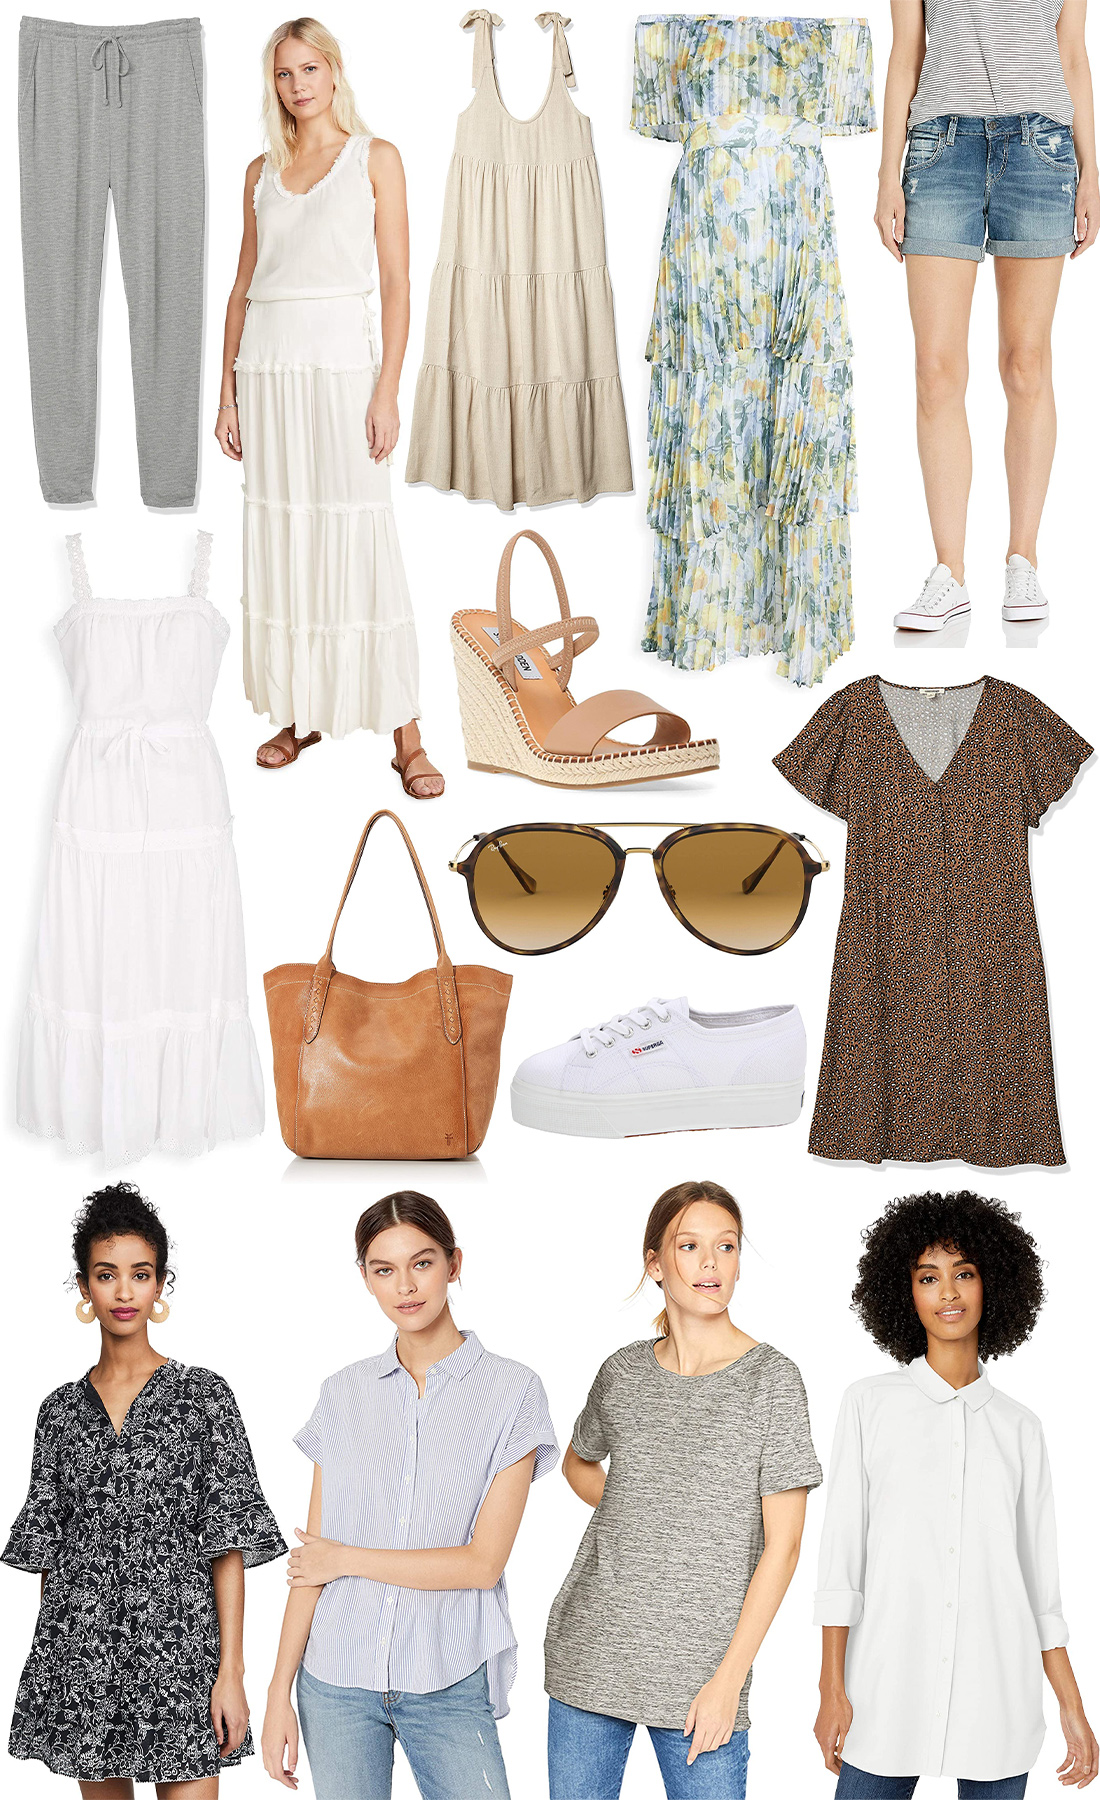 Amazon Fashion's Big Style Sale